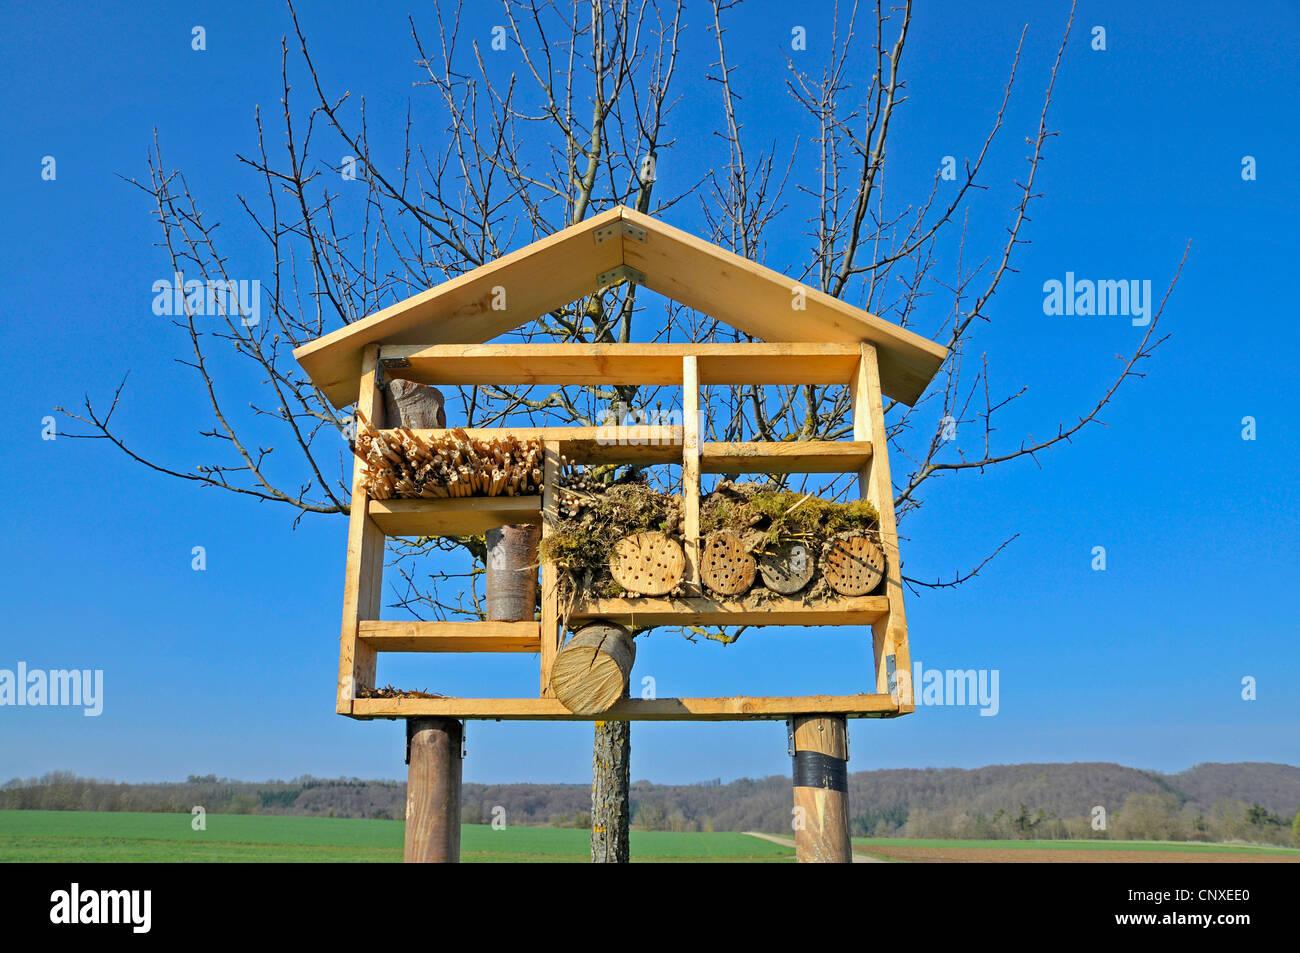 Hotel de insectos para abejas y otros insectos, Alemania Imagen De Stock